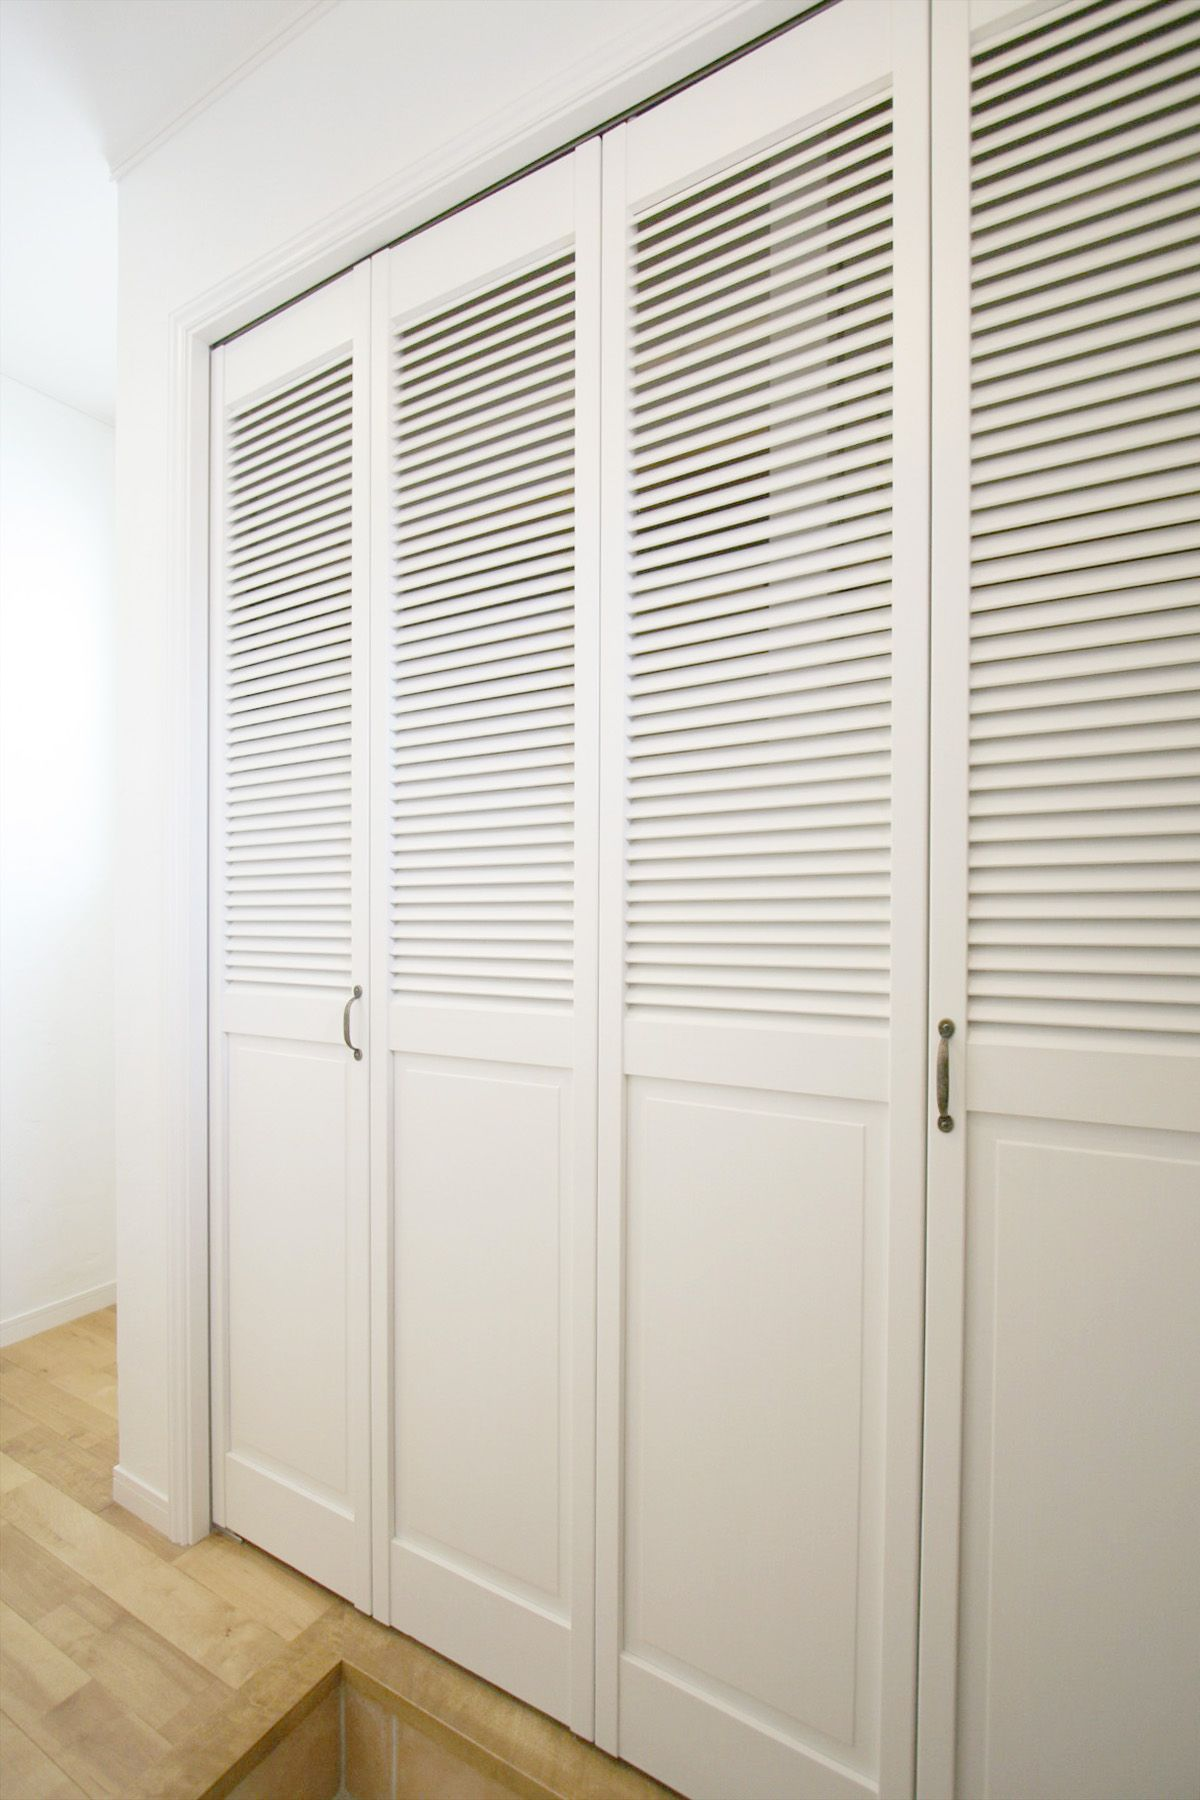 室内ドア クローゼット 収納 ルーバー 白 ドア 扉 インテリア